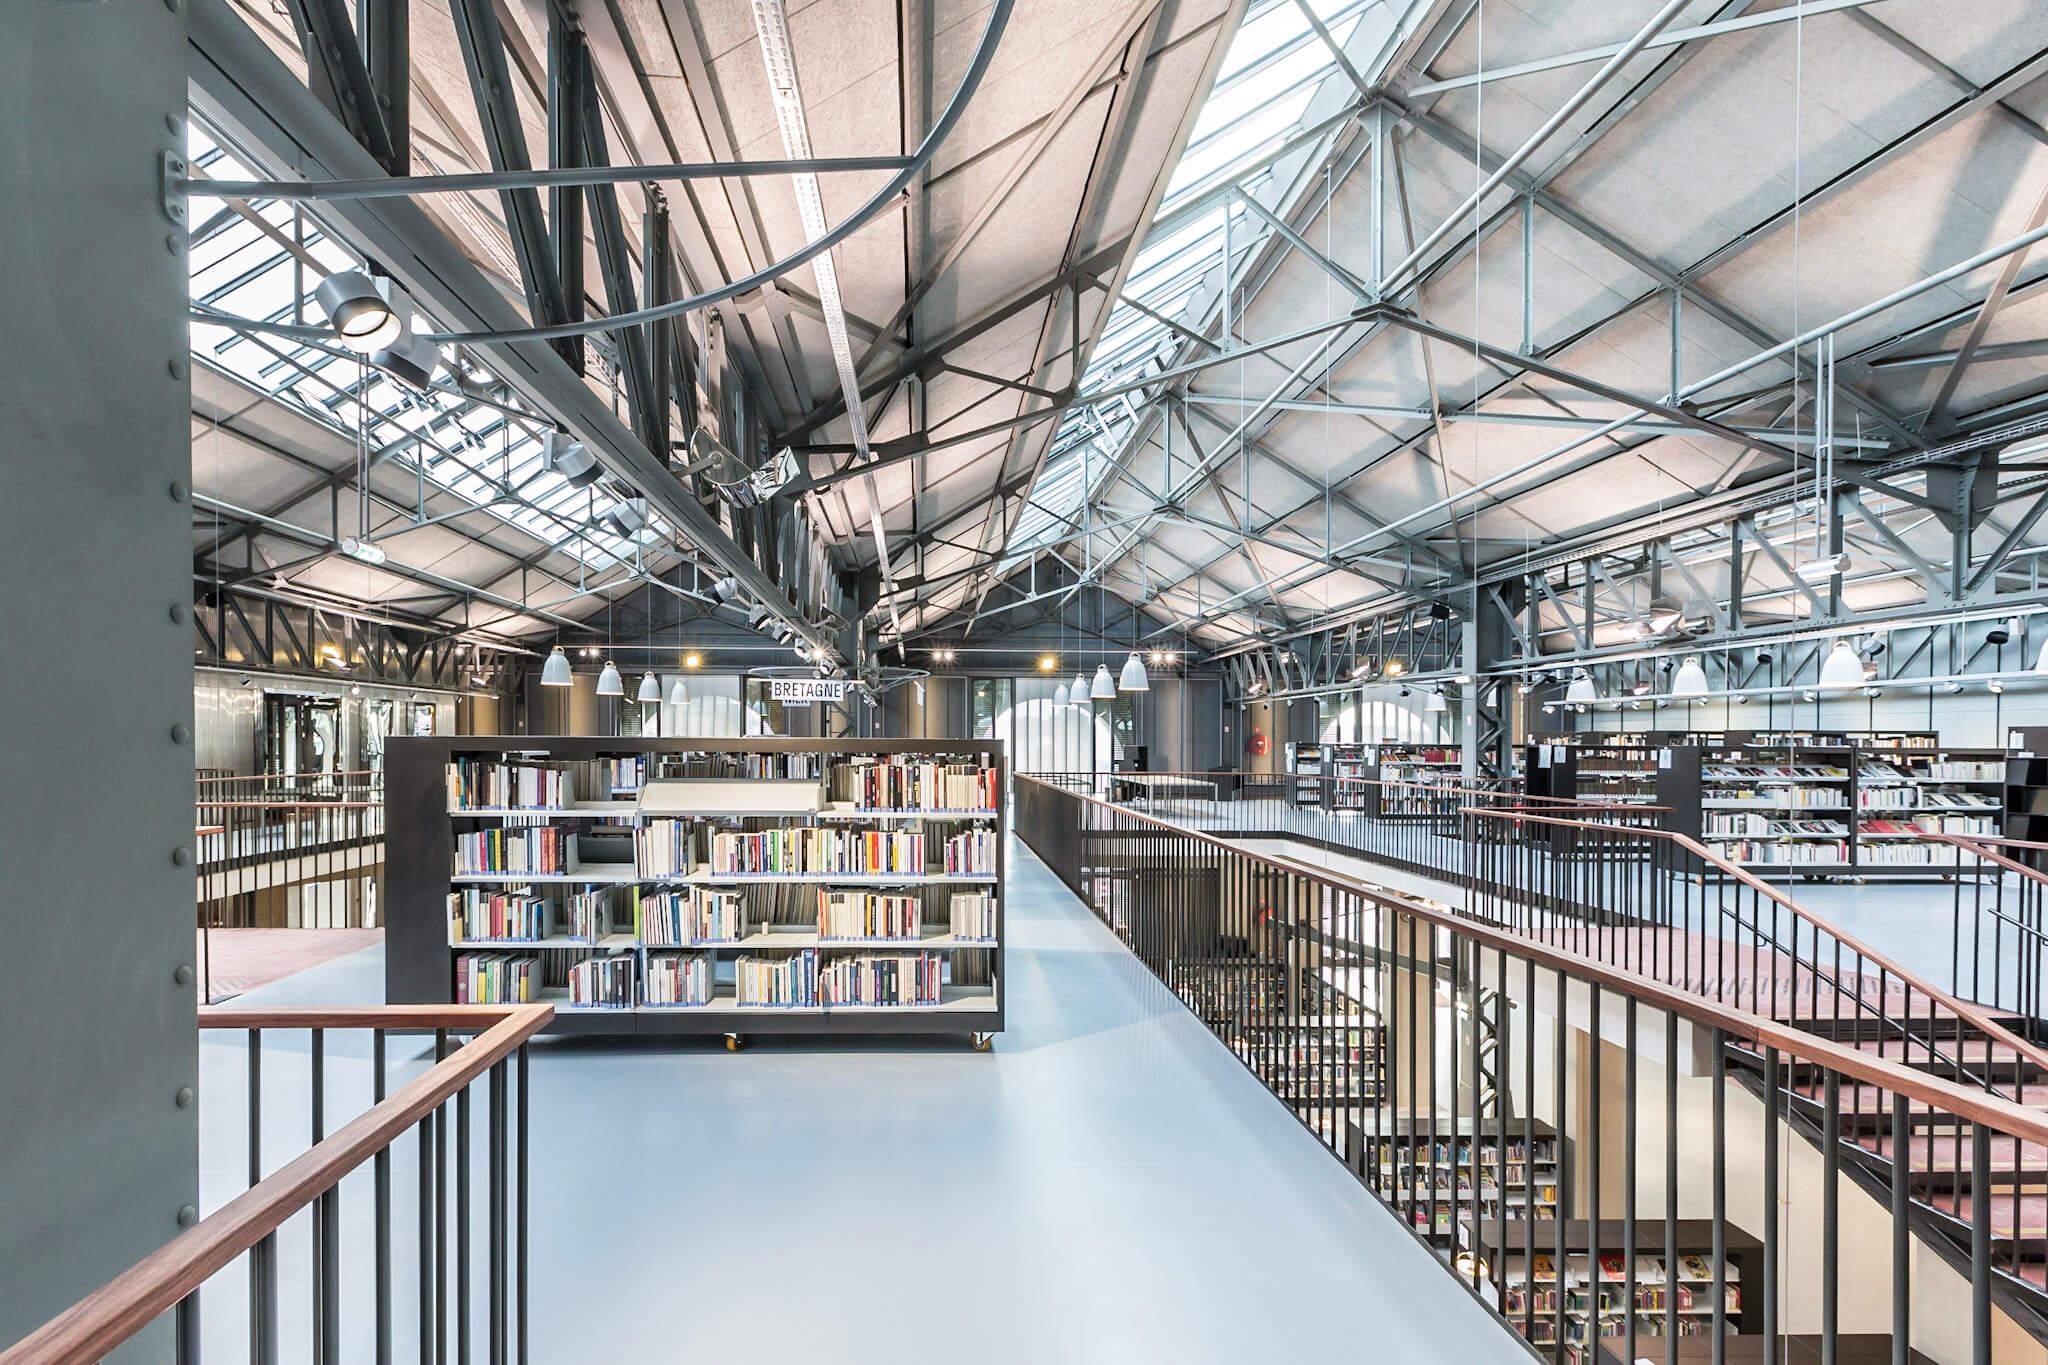 Les réalisations Lehmann Studio, photographe à Angers - reportage photo architecture Médiathèque des Capuçins